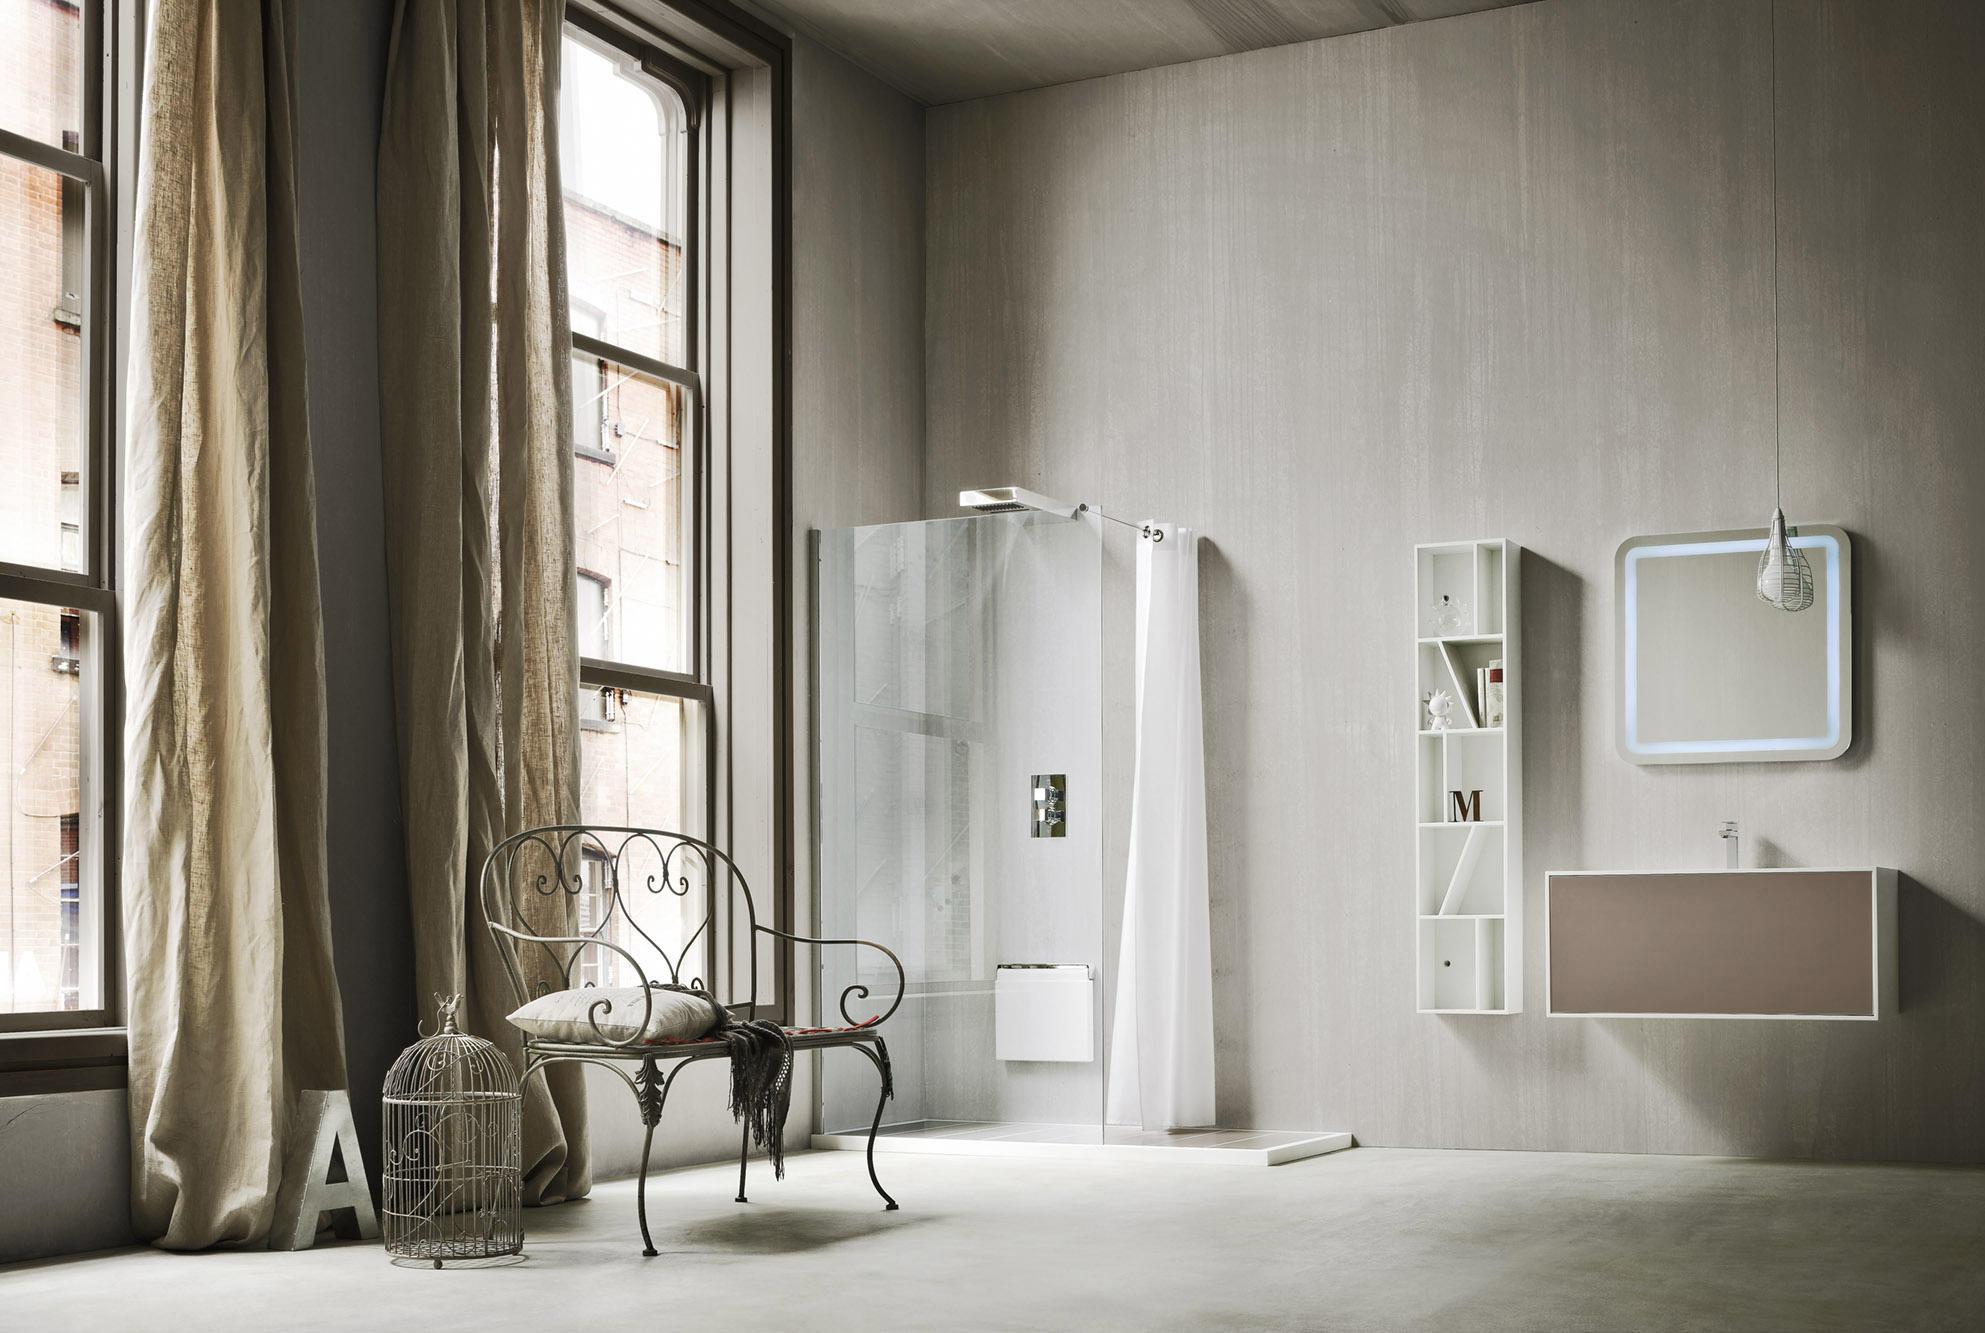 Giano Ducha Plato Y Cierre Mamparas Para Duchas De Rexa Design  # Muebles Di Giano